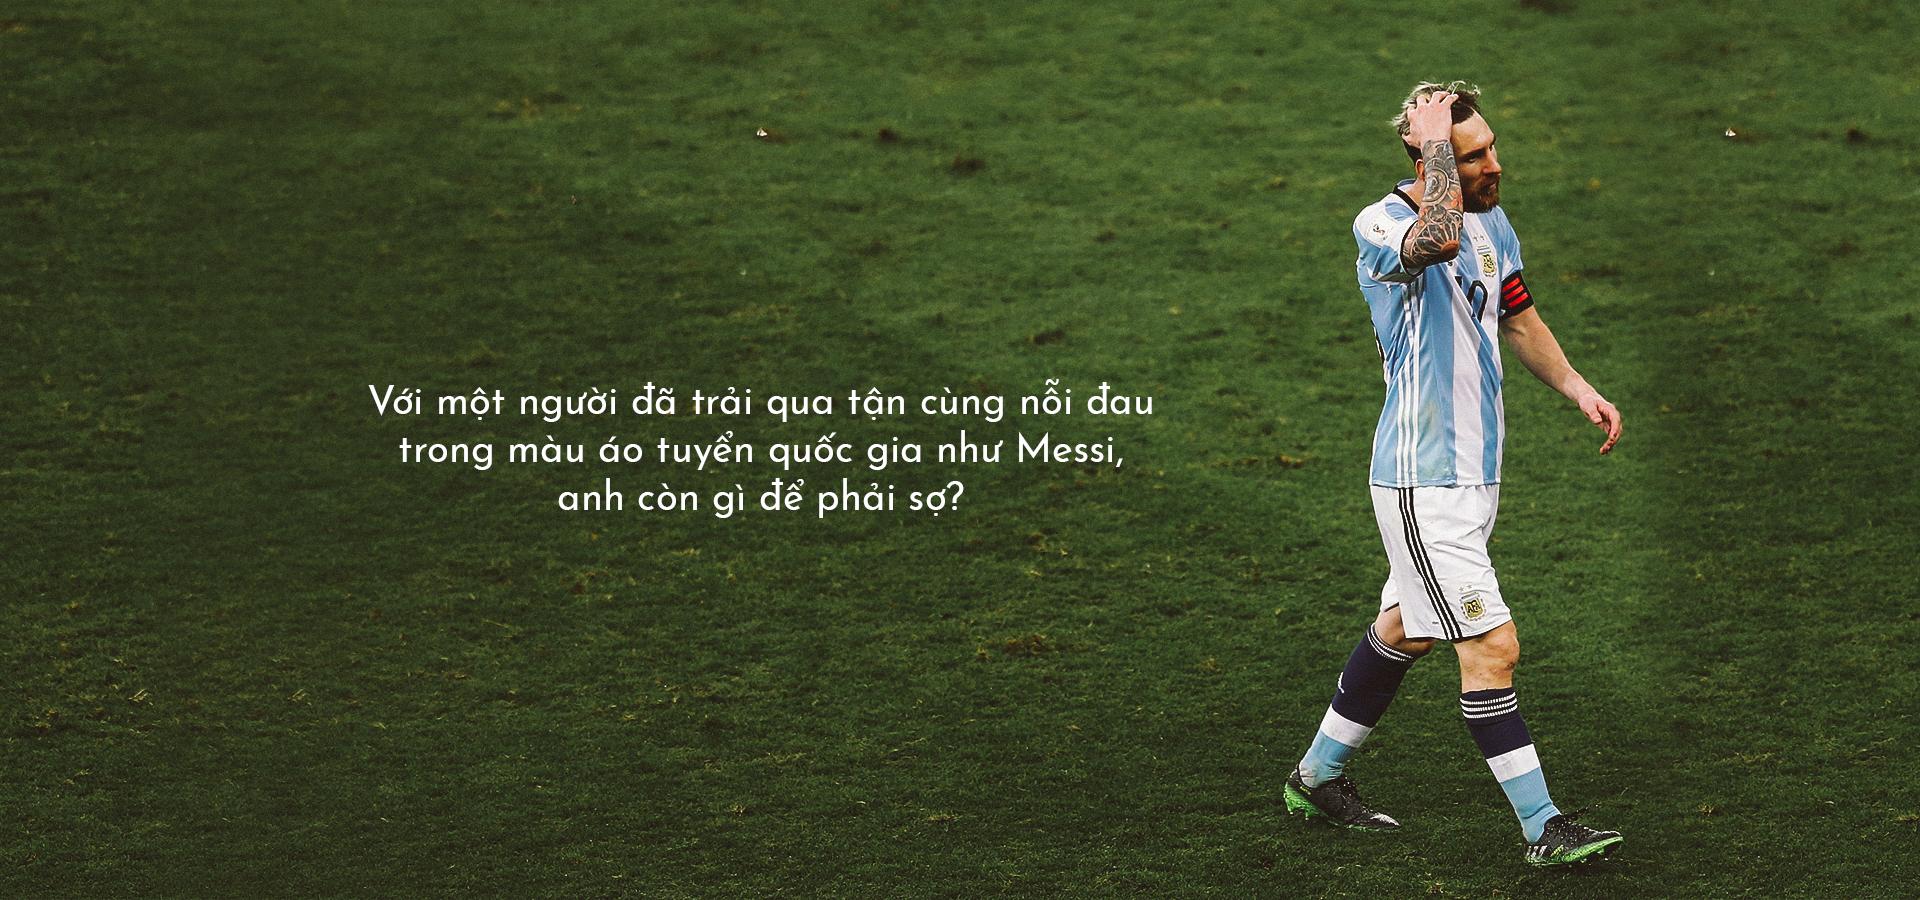 Tuyển Argentina hay Tuyển của Messi? - Messi sợ điều gì? - Ảnh 7.